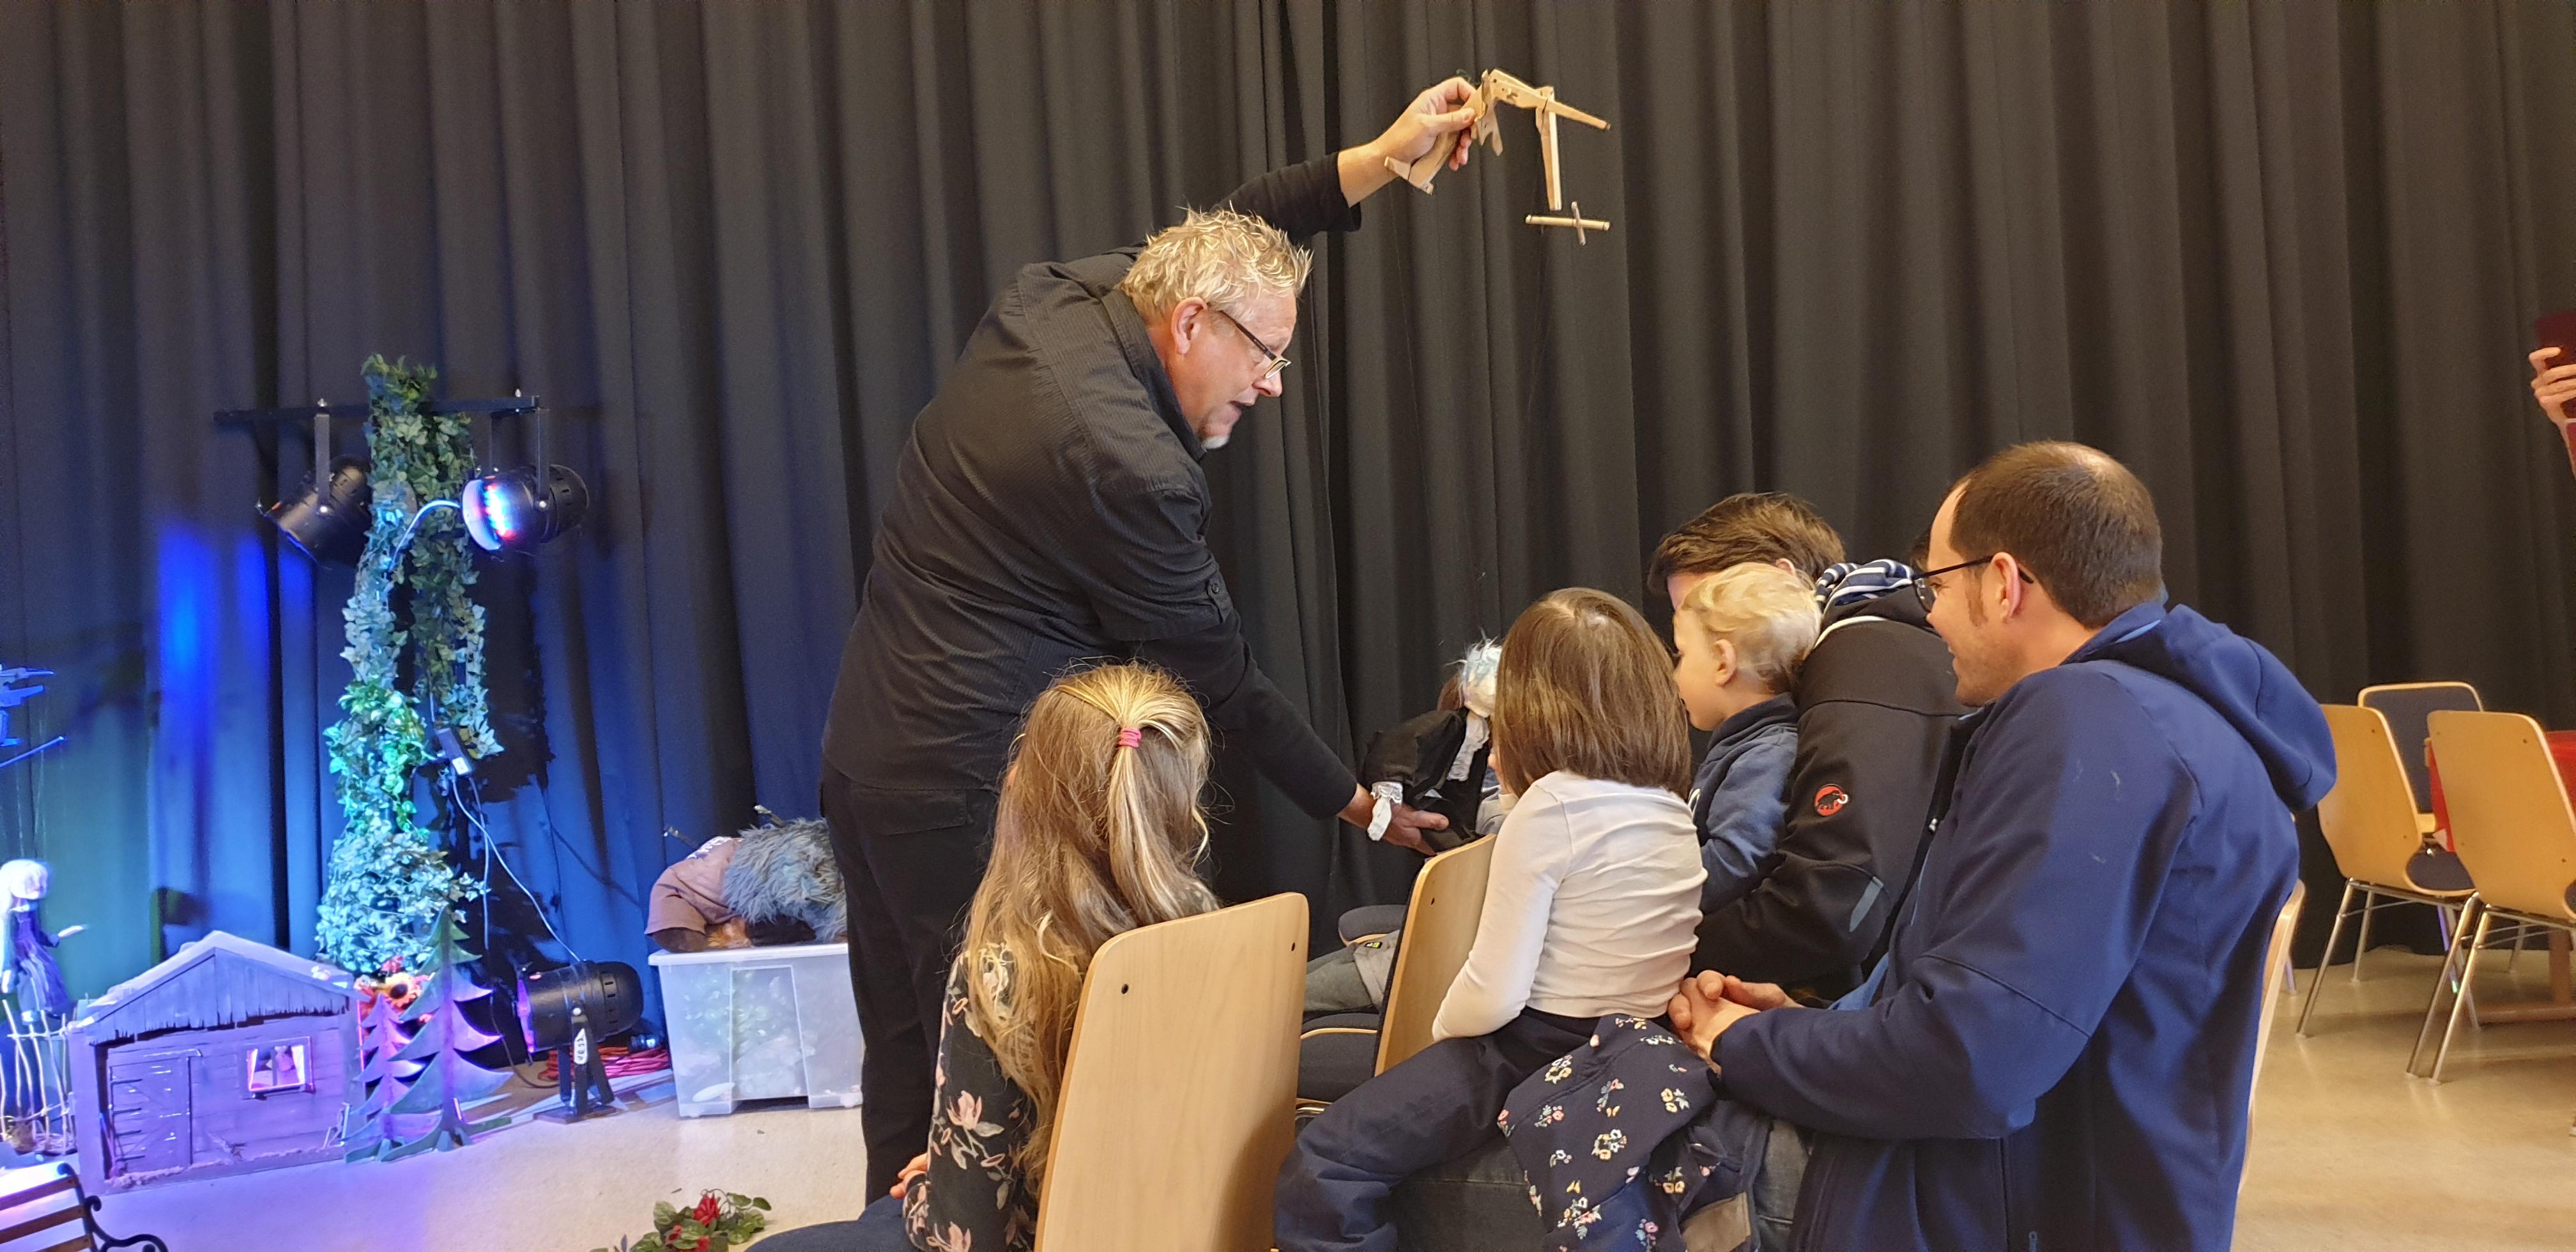 Puppenspieler Markus Heip begeisterte bei der GertenBUCHstraße nicht nur die Kinder. | Foto: Sascha von Gerishem